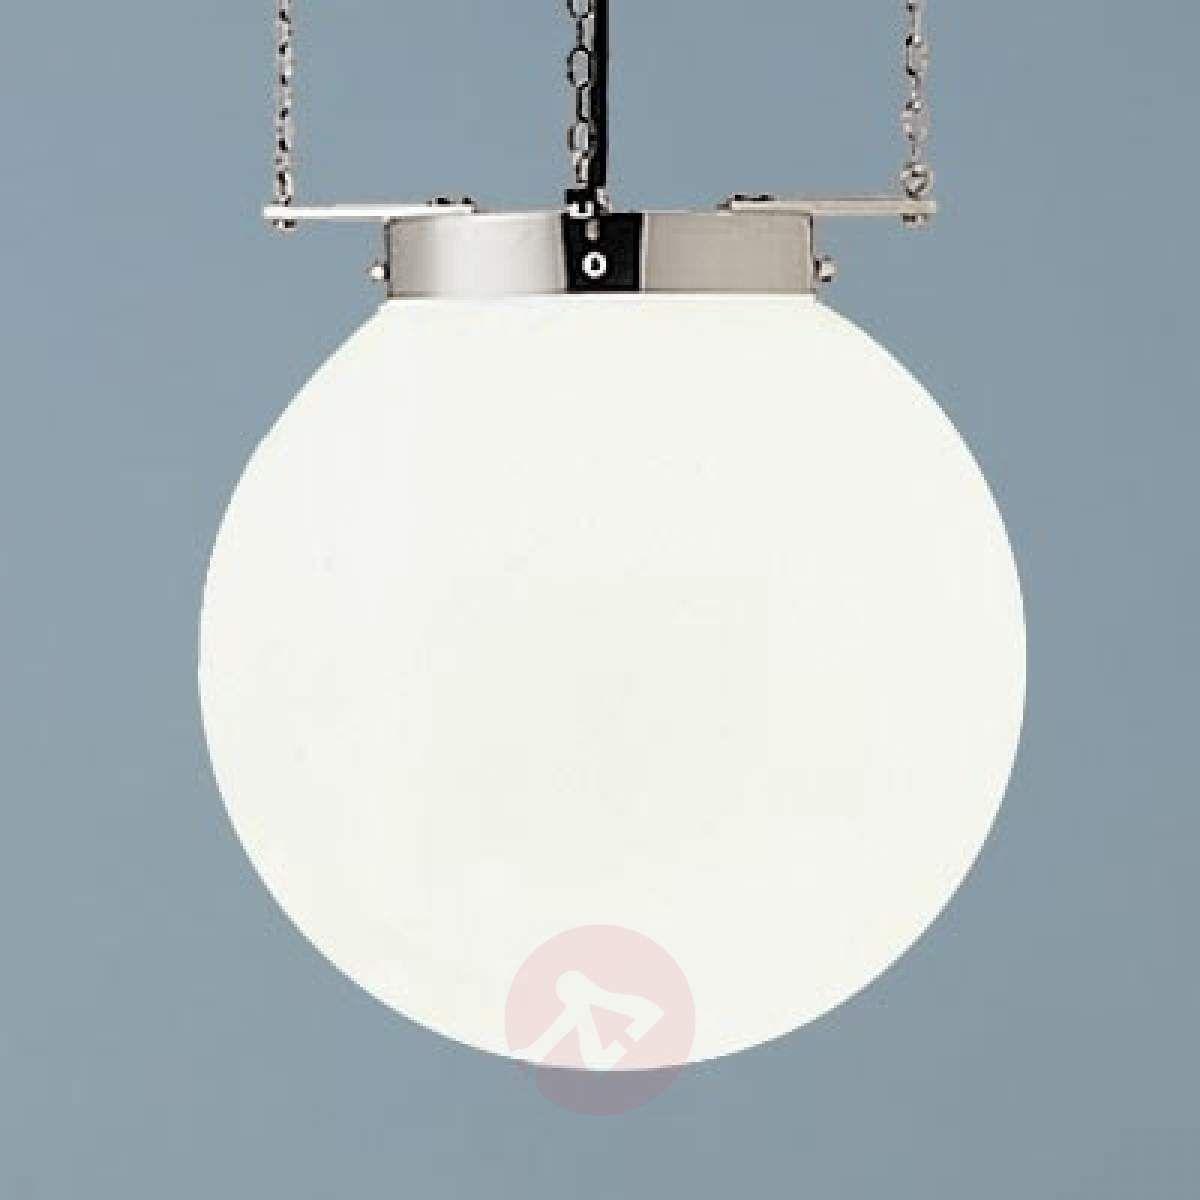 Lampa Wisząca W Stylu Bauhaus Nikiel 40 Cm Lampy Wiszące W